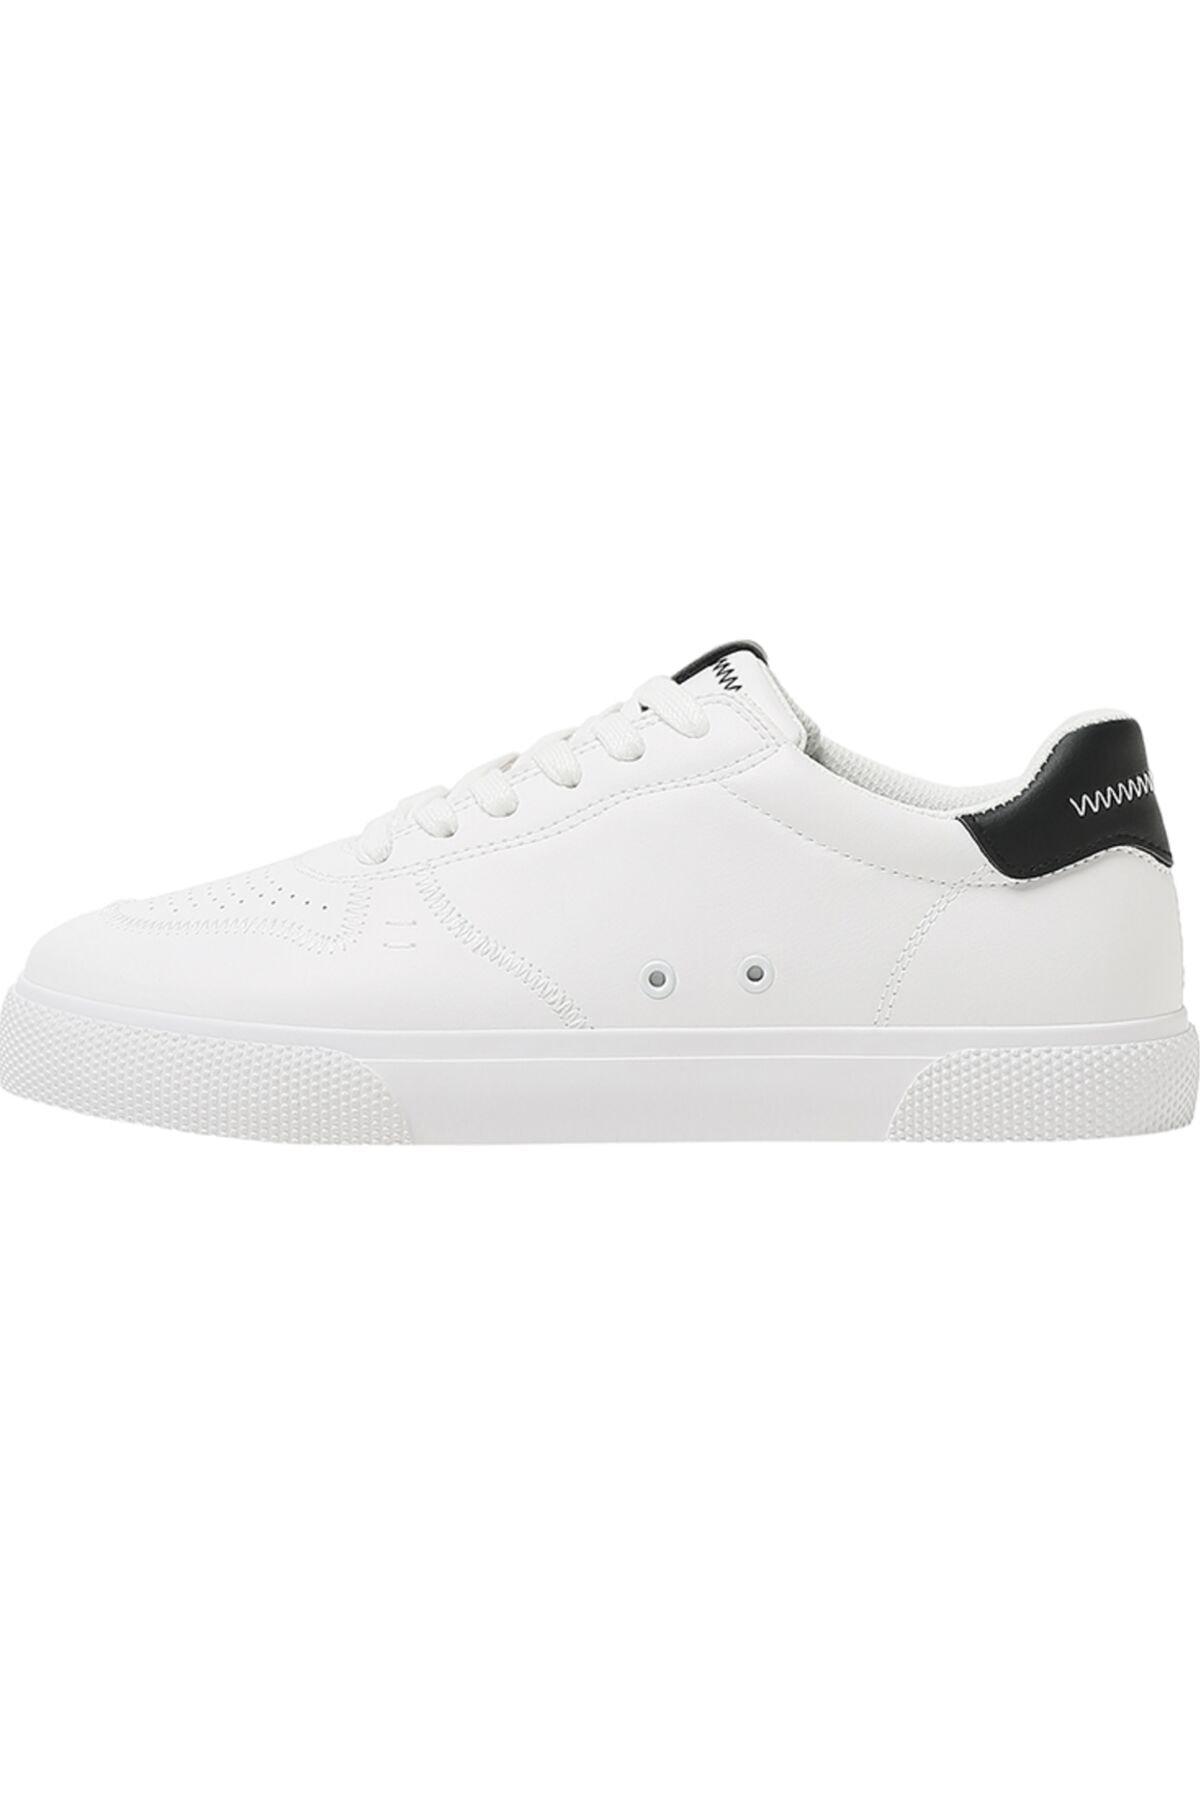 Bershka Erkek Beyaz Kontrast Spor Ayakkabı 12400760 2